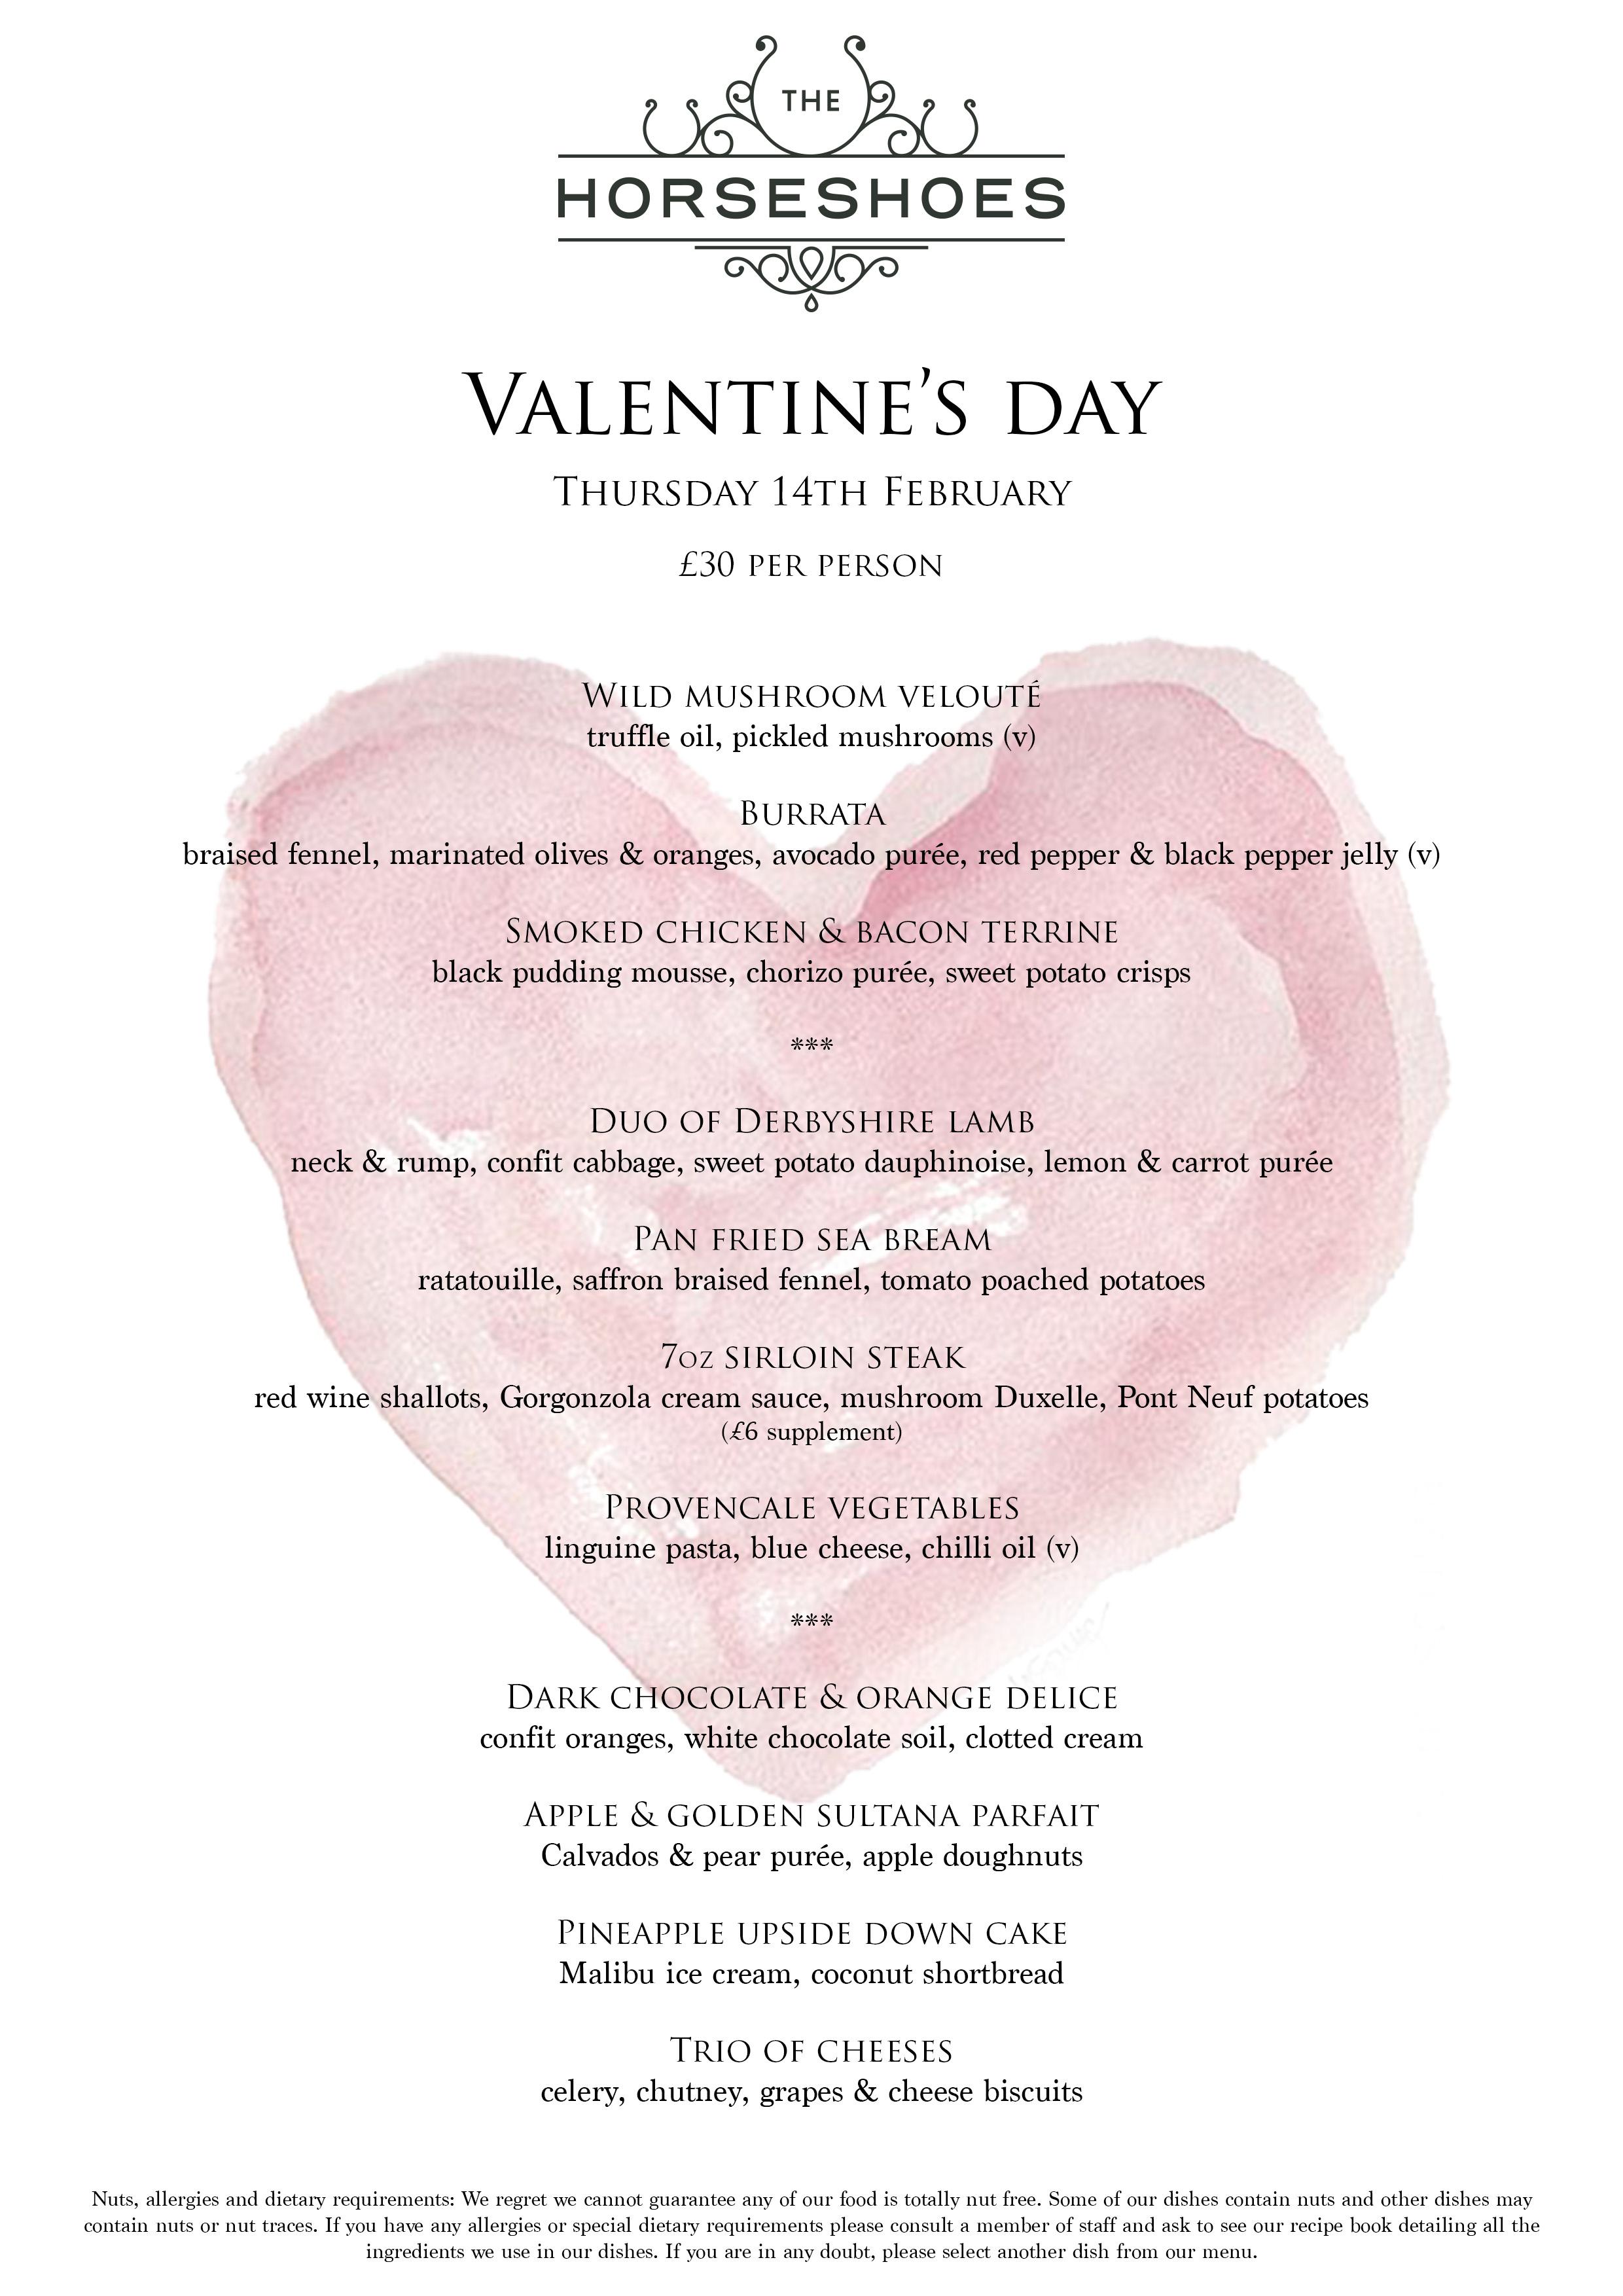 https://www.horseshoeslonglane.co.uk/wp-content/uploads/2019/01/valentines-day-menu.jpg